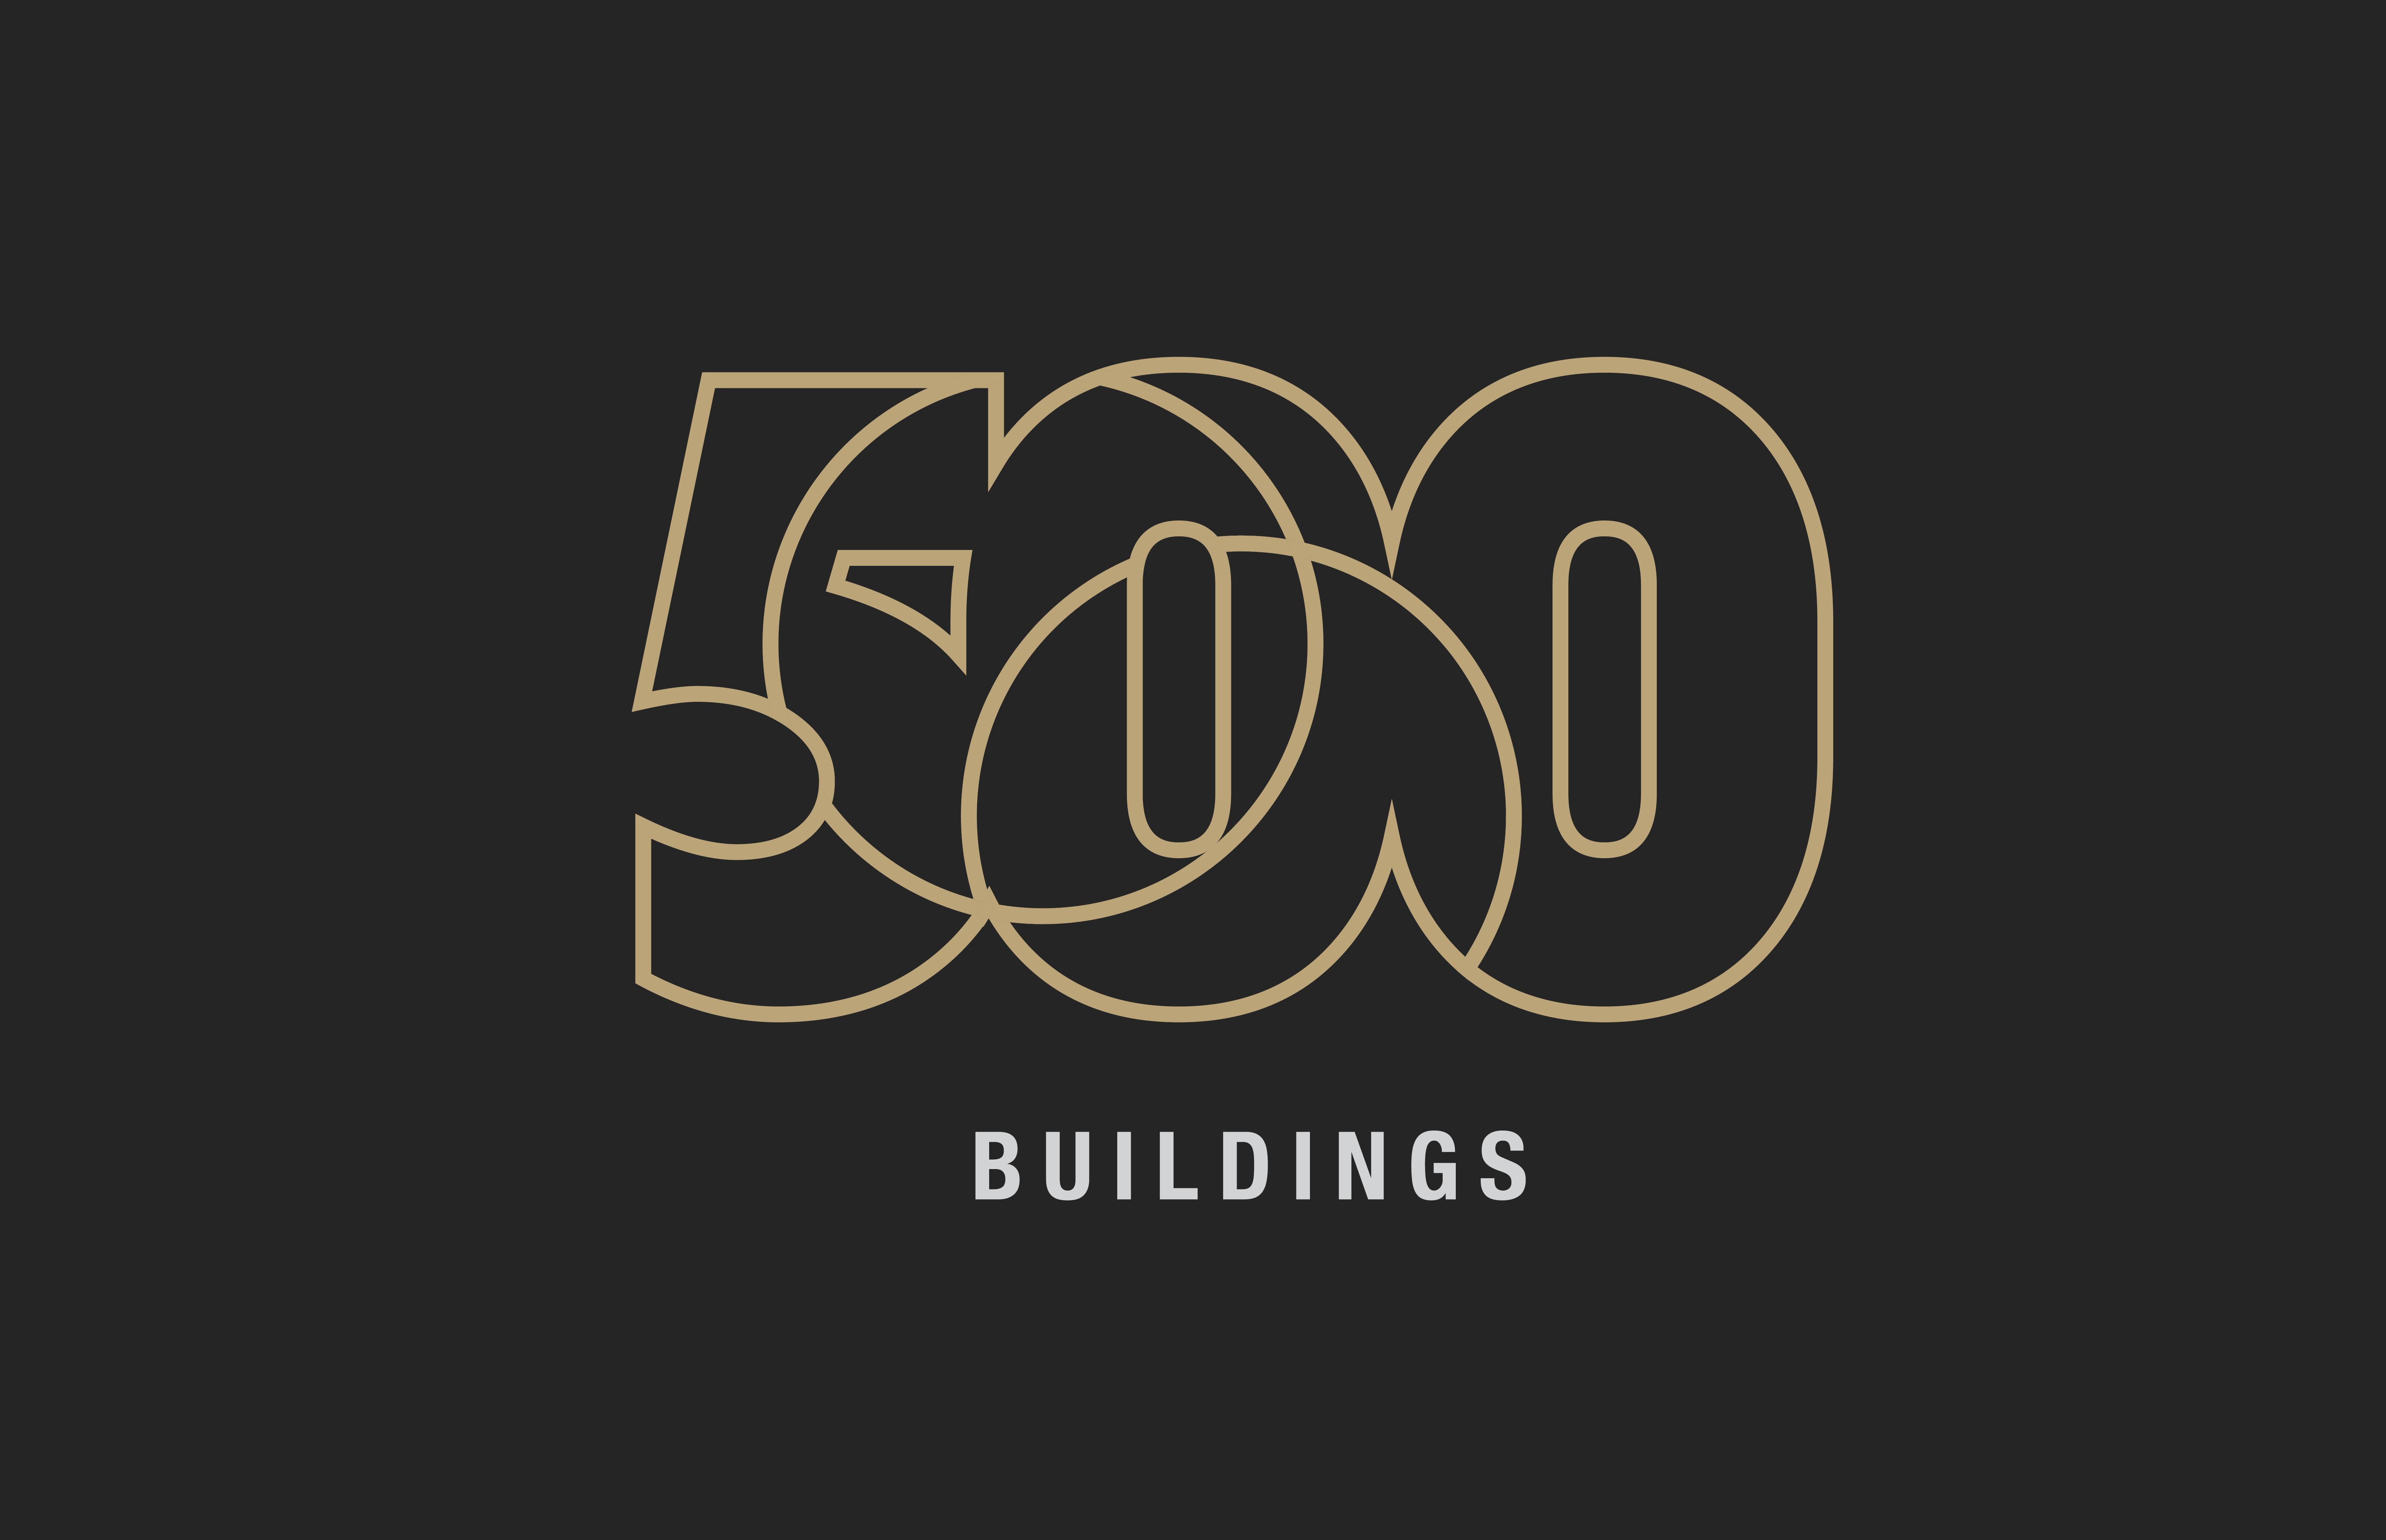 500 Buildings